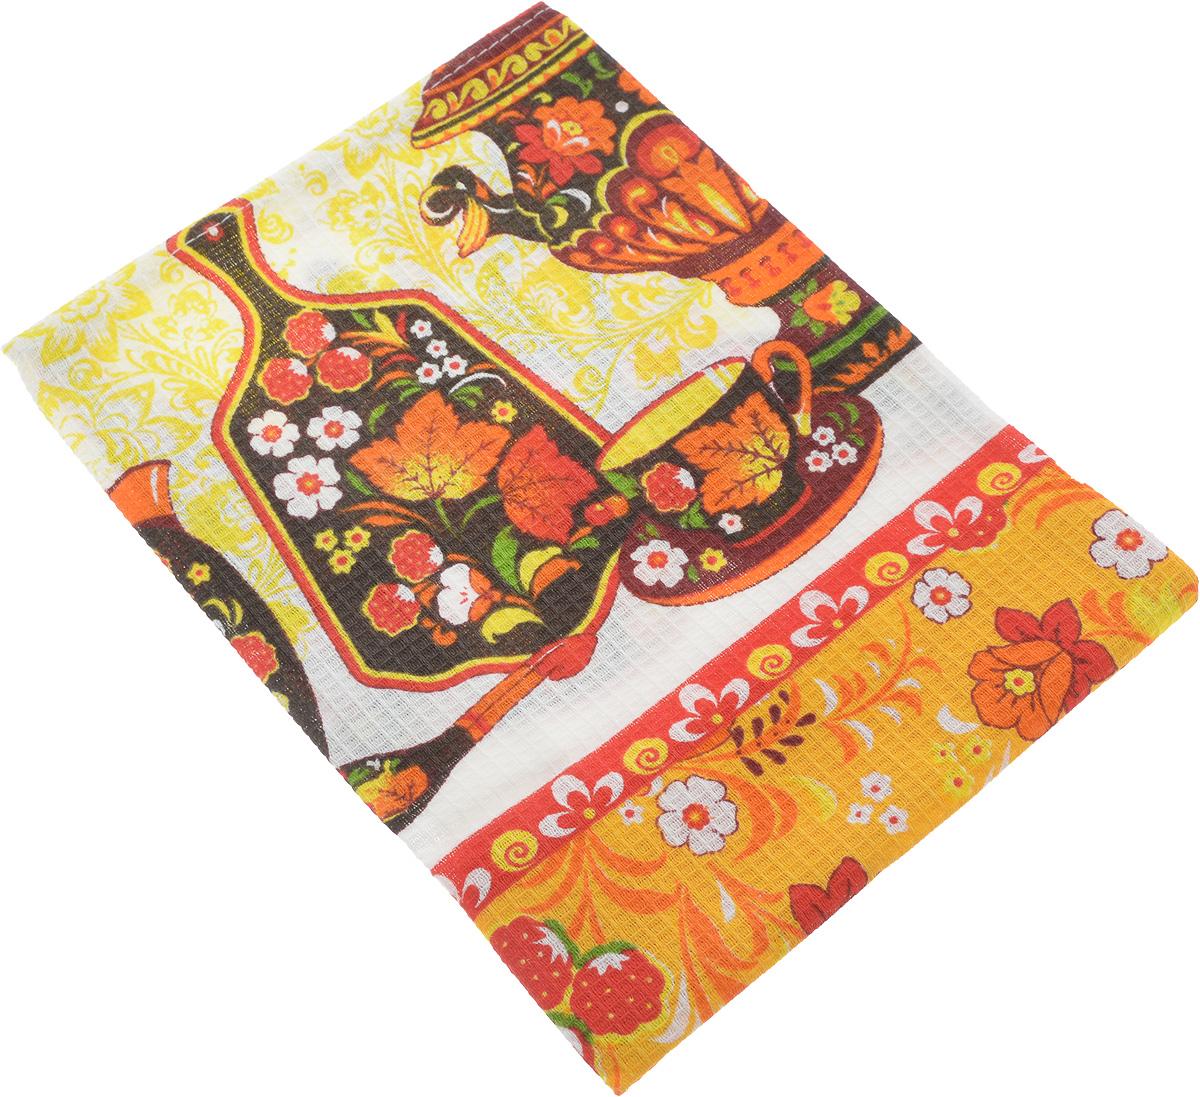 Полотенце кухонное ROKO, 60 х 30 см115354_самоварКухонное полотенце ROKO, выполненное из 100% хлопка, оформлено оригинальным принтом. Изделие предназначено для использования на кухне и в столовой. Оно отлично впитывает влагу, быстро сохнет, сохраняет яркость цвета и не теряет форму даже после многократных стирок. Такое полотенце станет отличным вариантом для практичной и современной хозяйки.